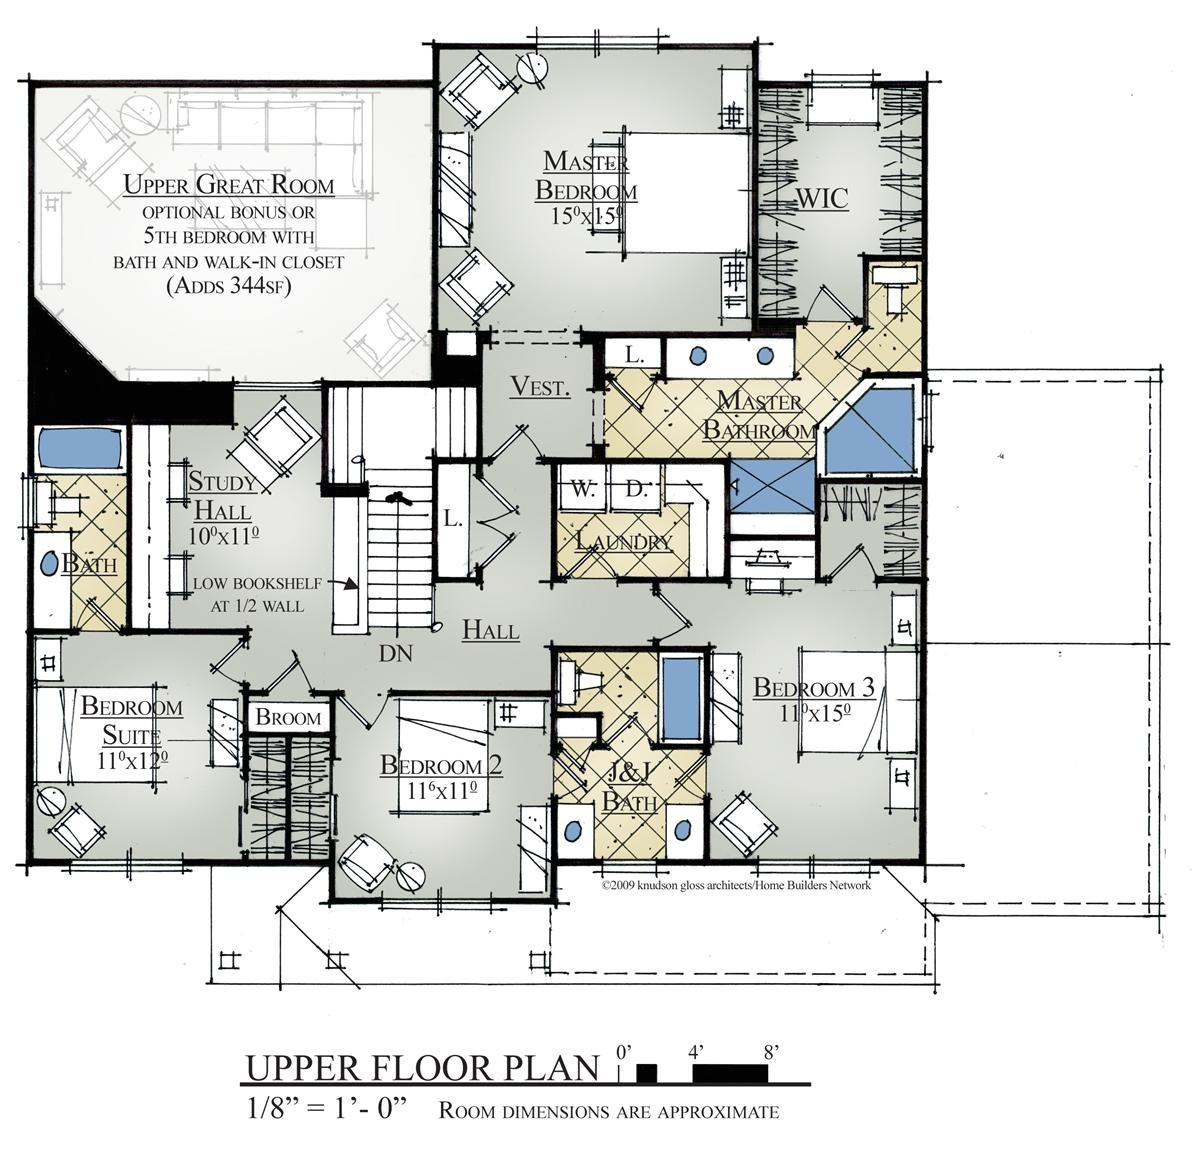 house plans gj gardner